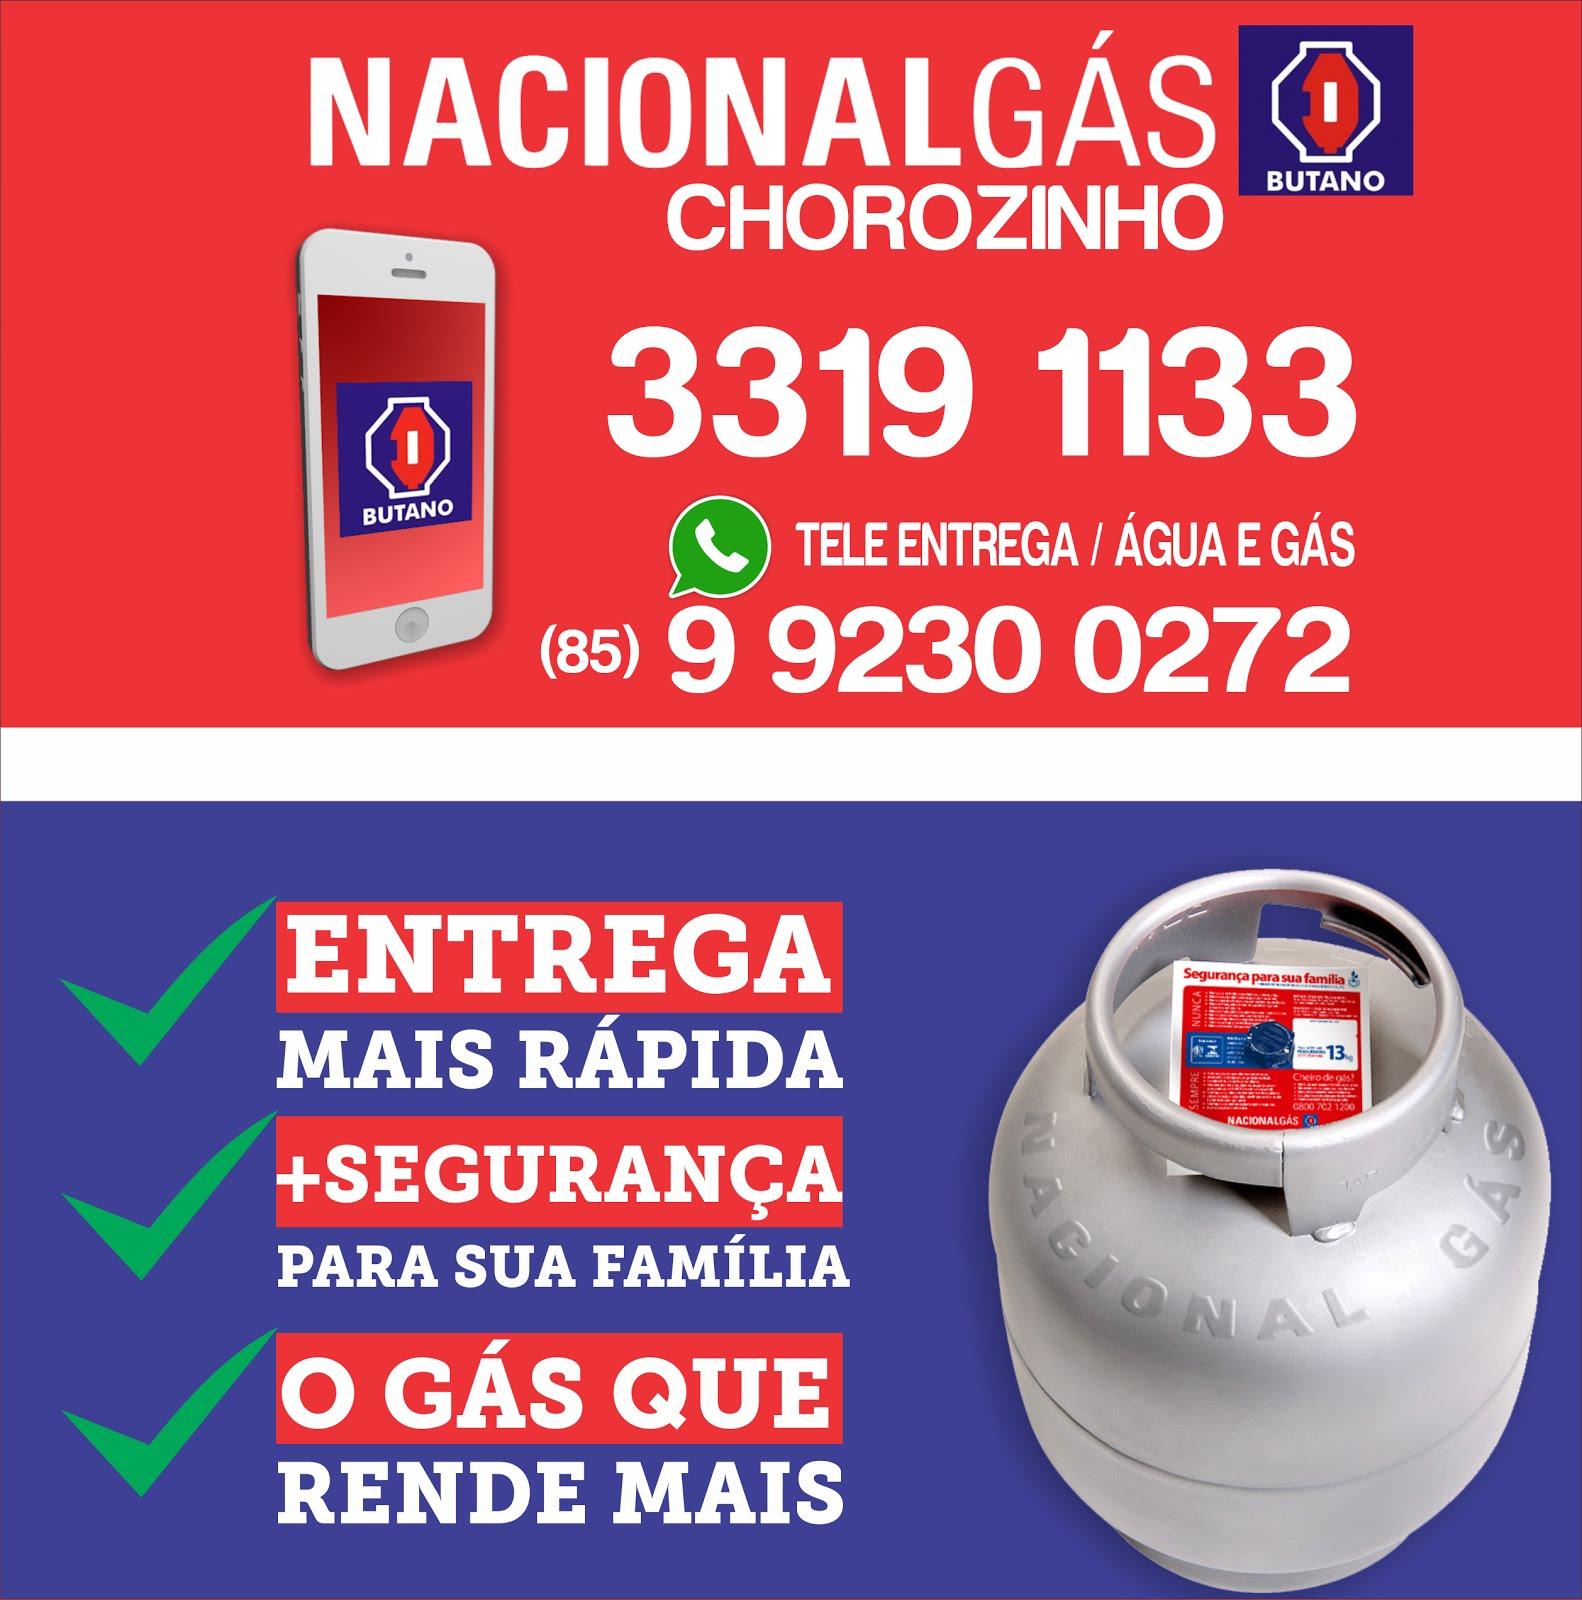 NACIONAL GÁS - CHOROZINHO